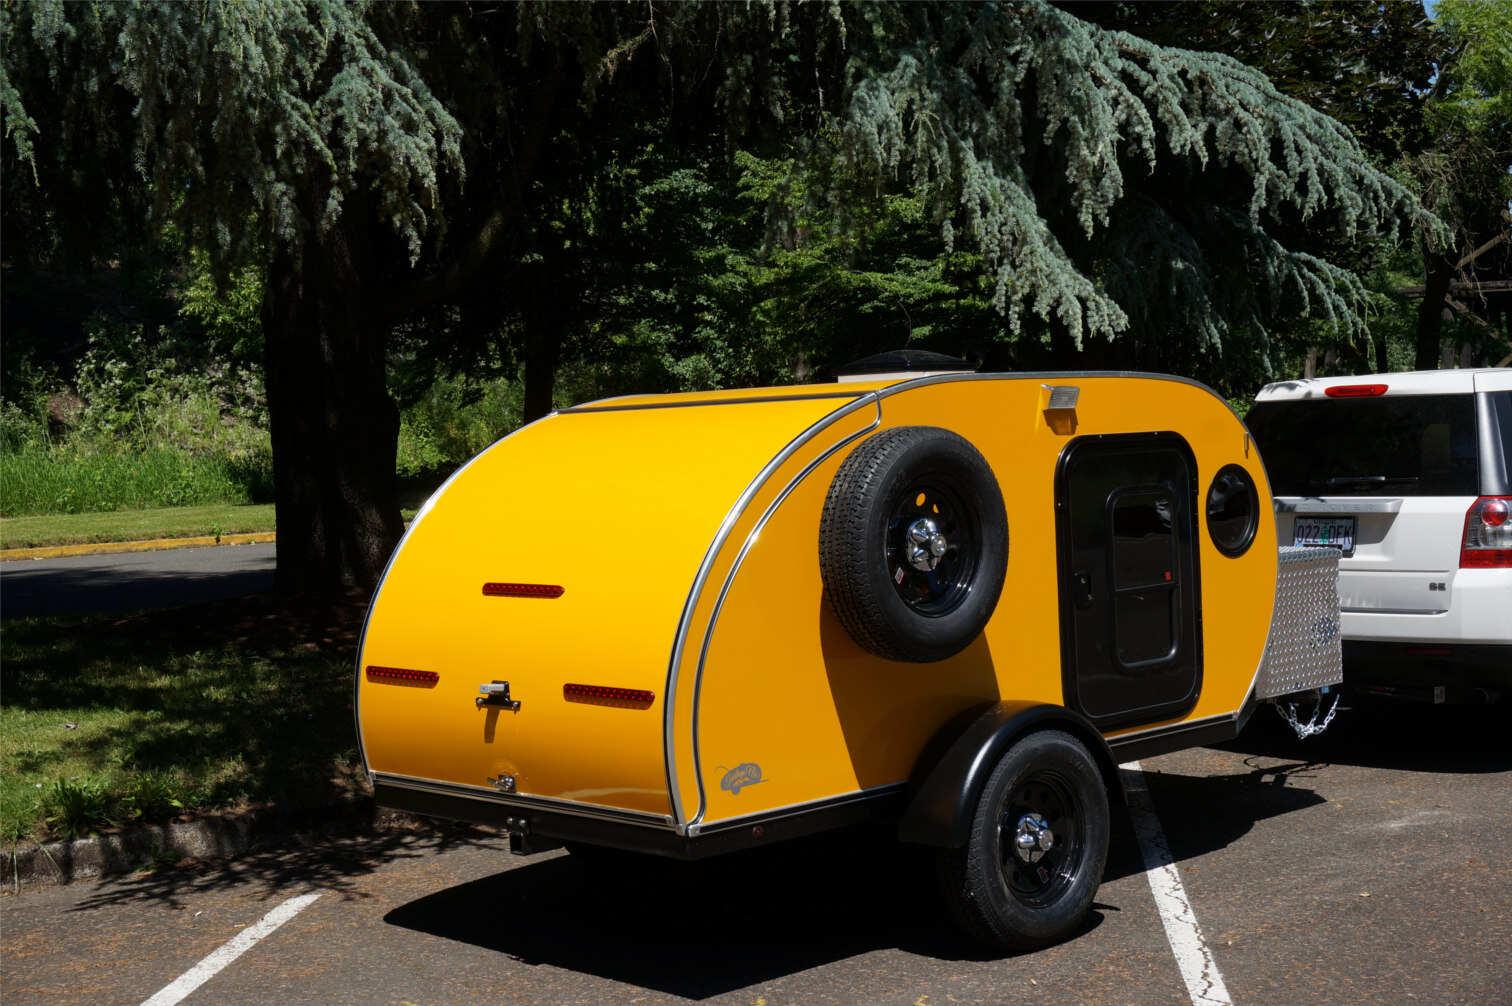 trailer-yellow-2.jpg